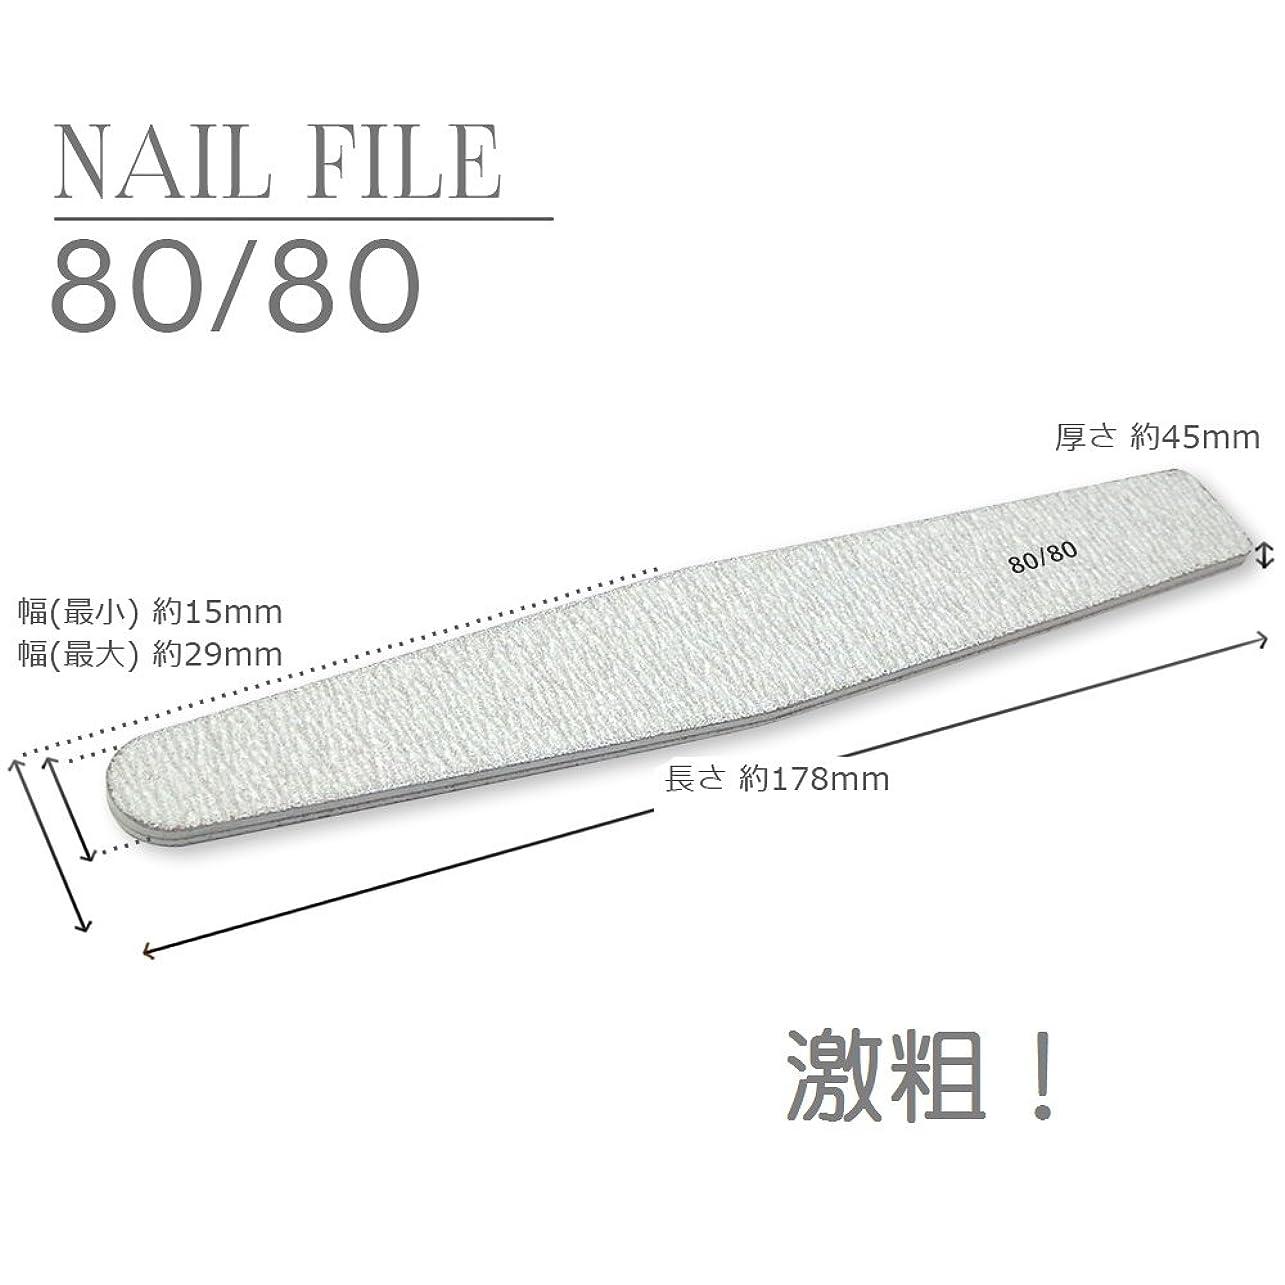 クローンかまど仮定ネイルファイル【80/80】激粗 1本 ★ガリガリ削れます!